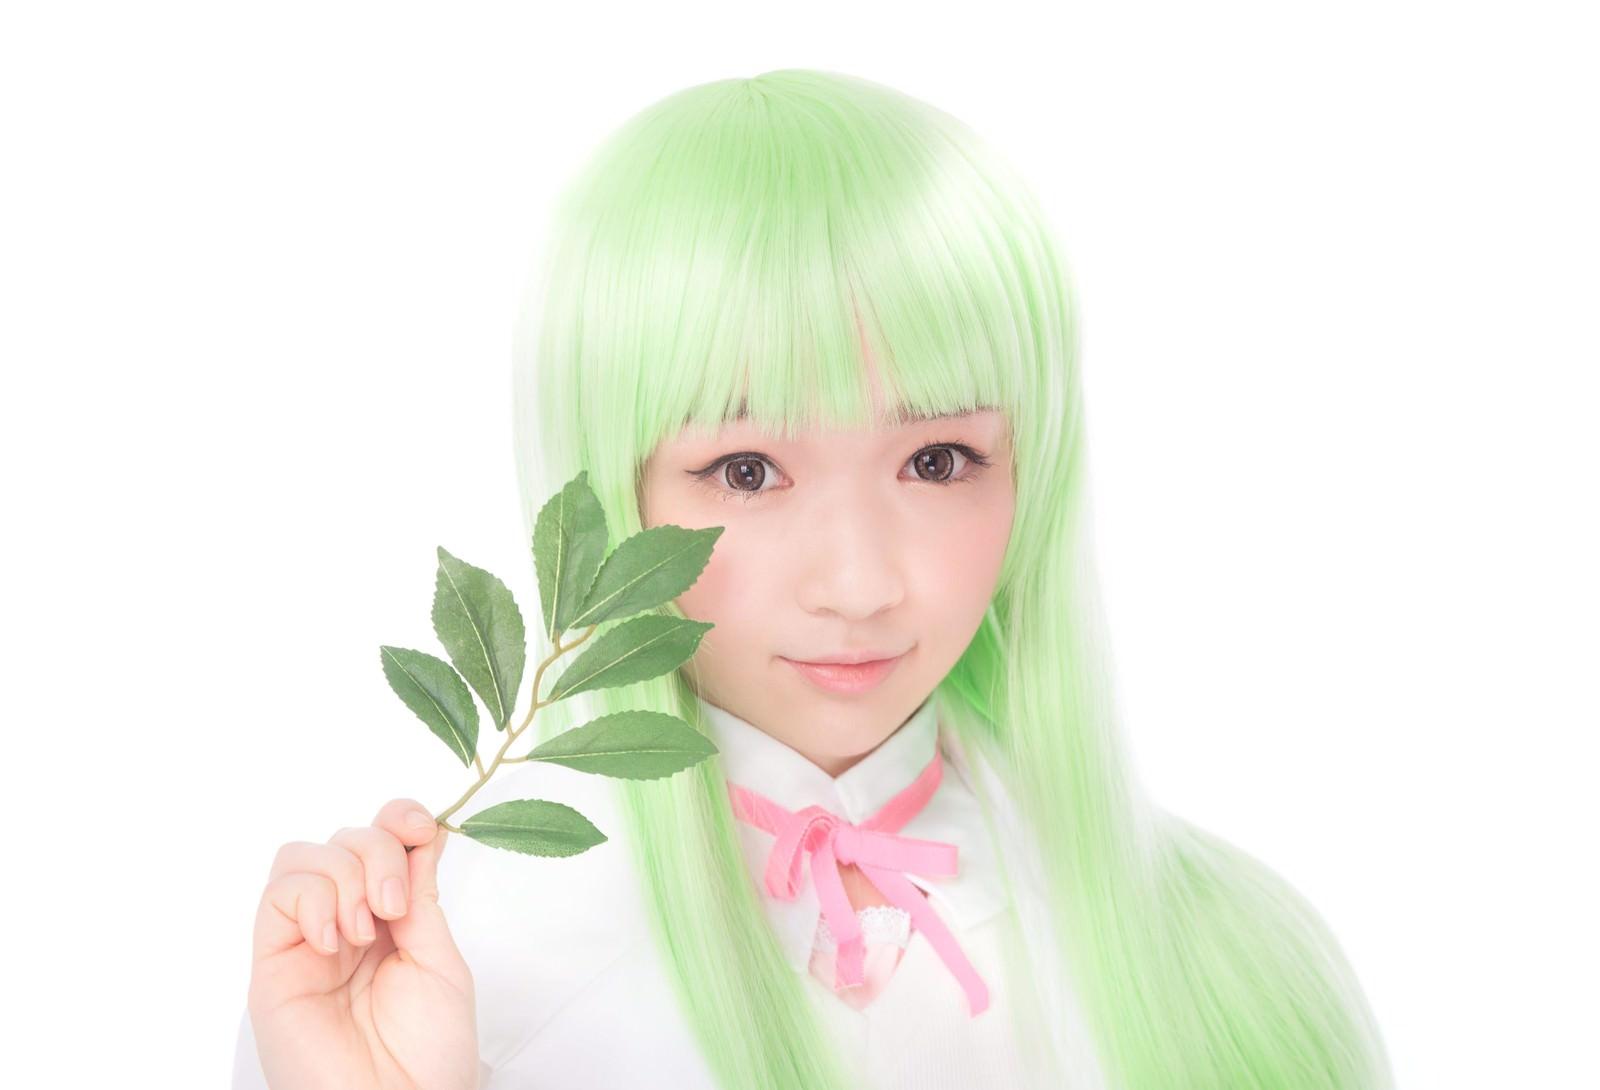 「薬草を持って微笑む薬剤師少女薬草を持って微笑む薬剤師少女」[モデル:渡辺友美子]のフリー写真素材を拡大